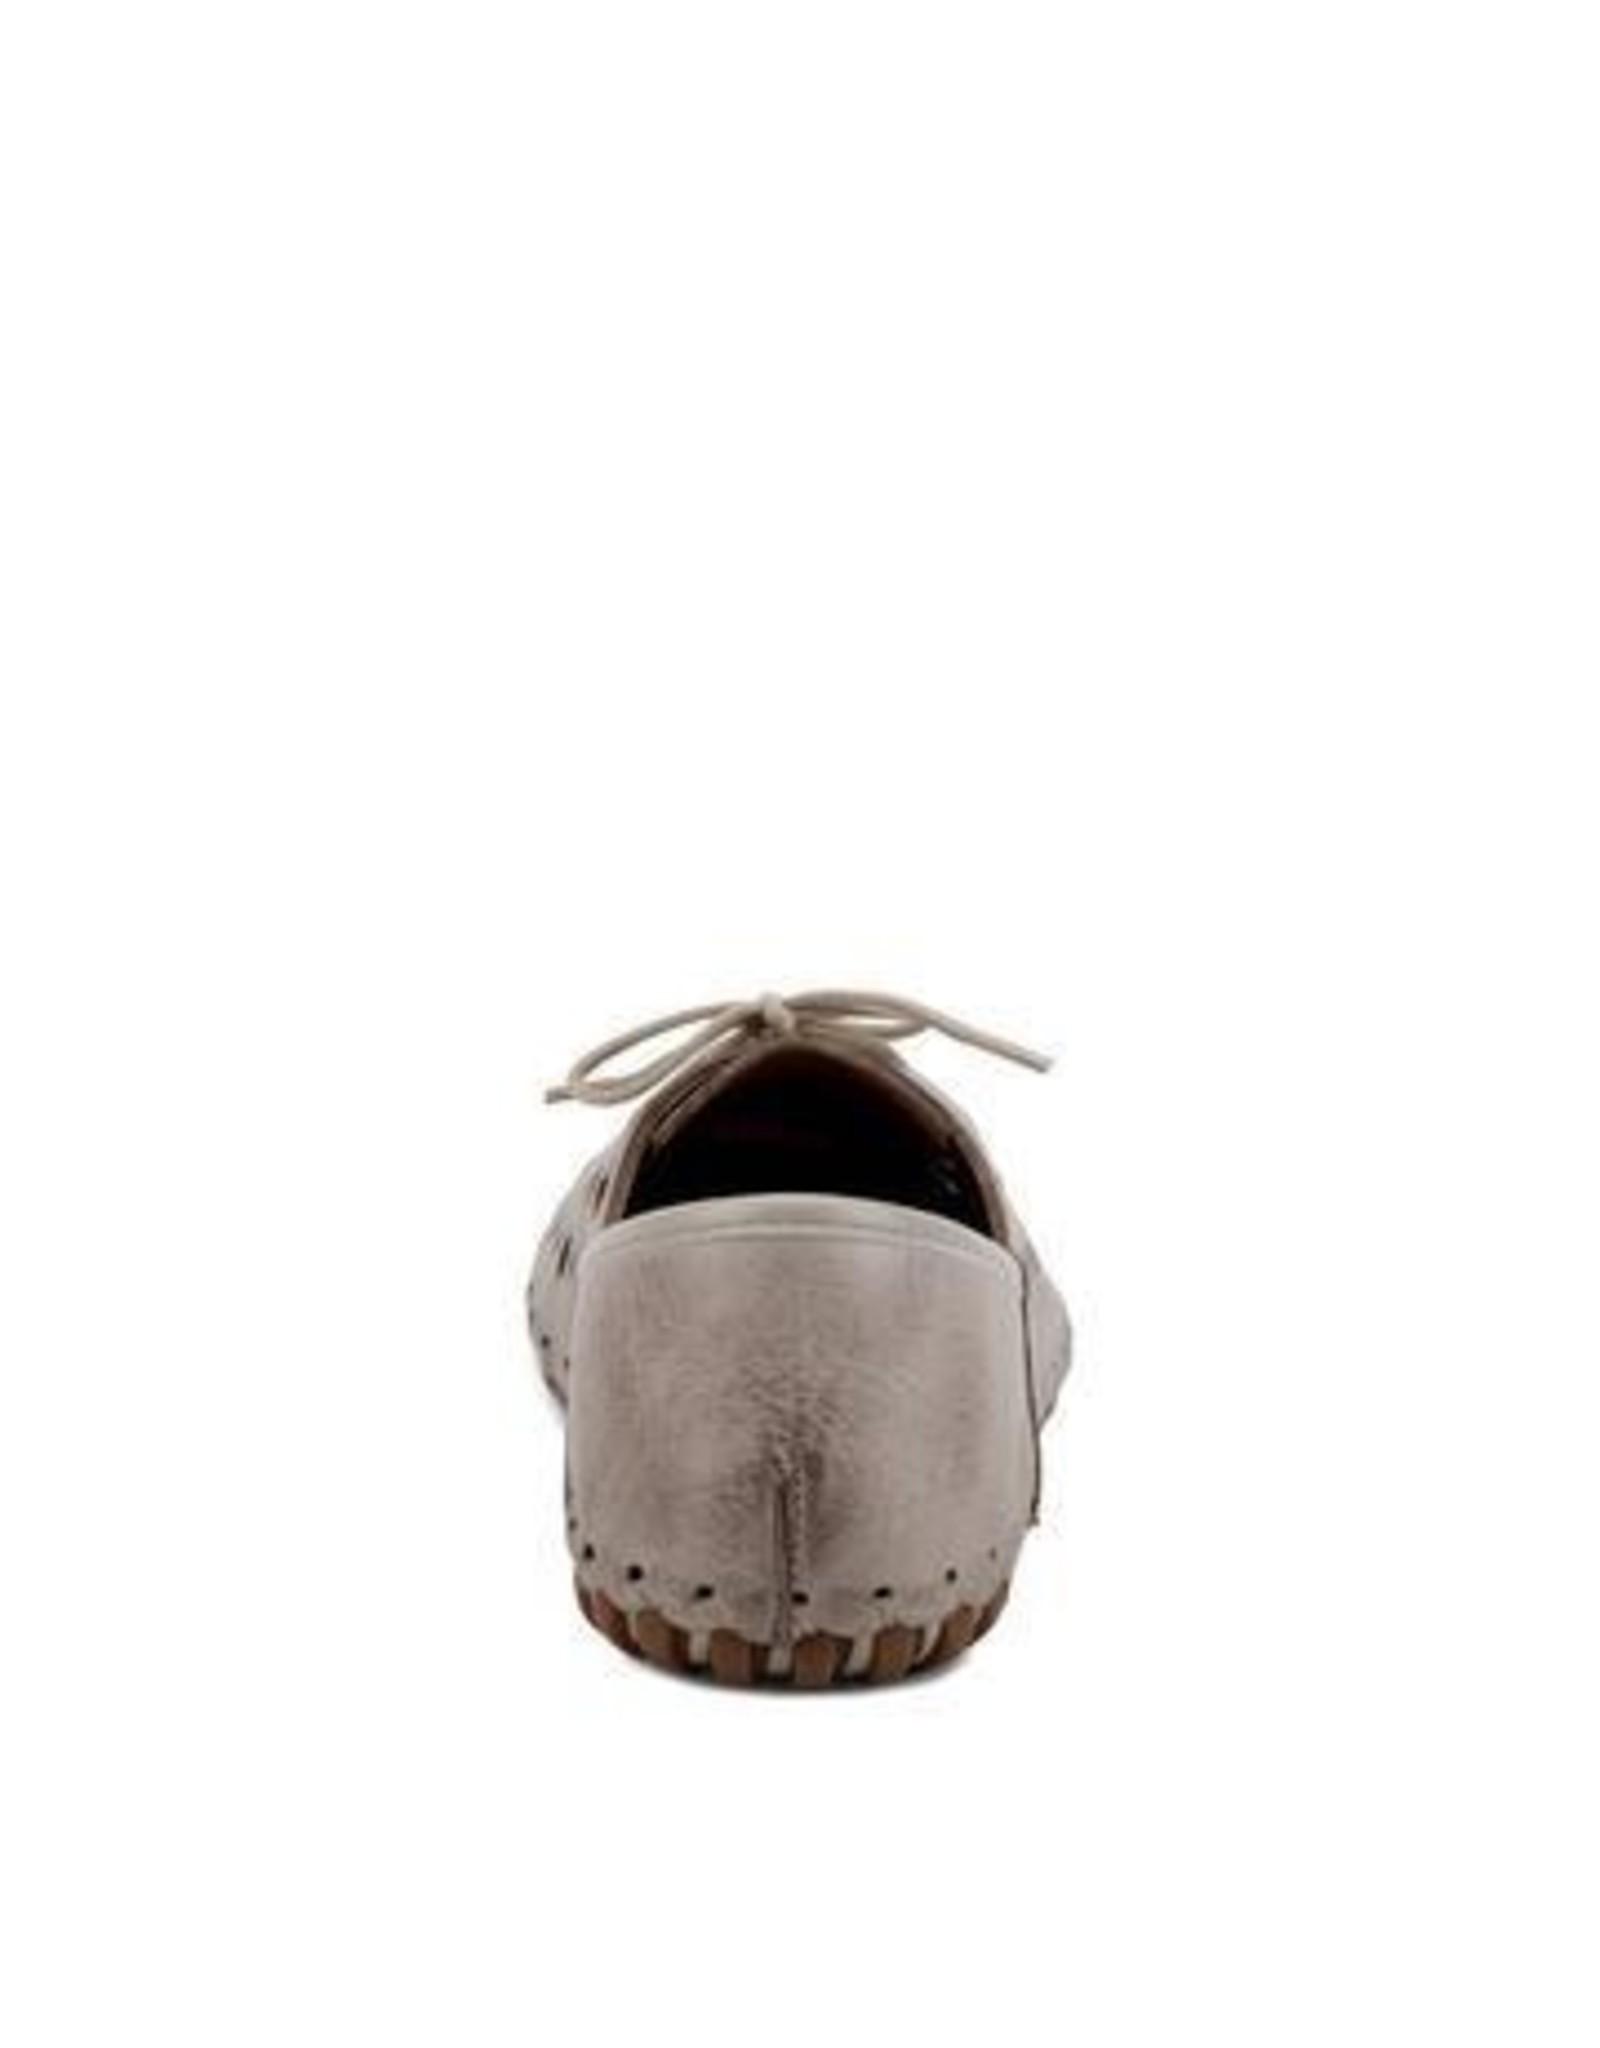 Macaria Leather Shoe